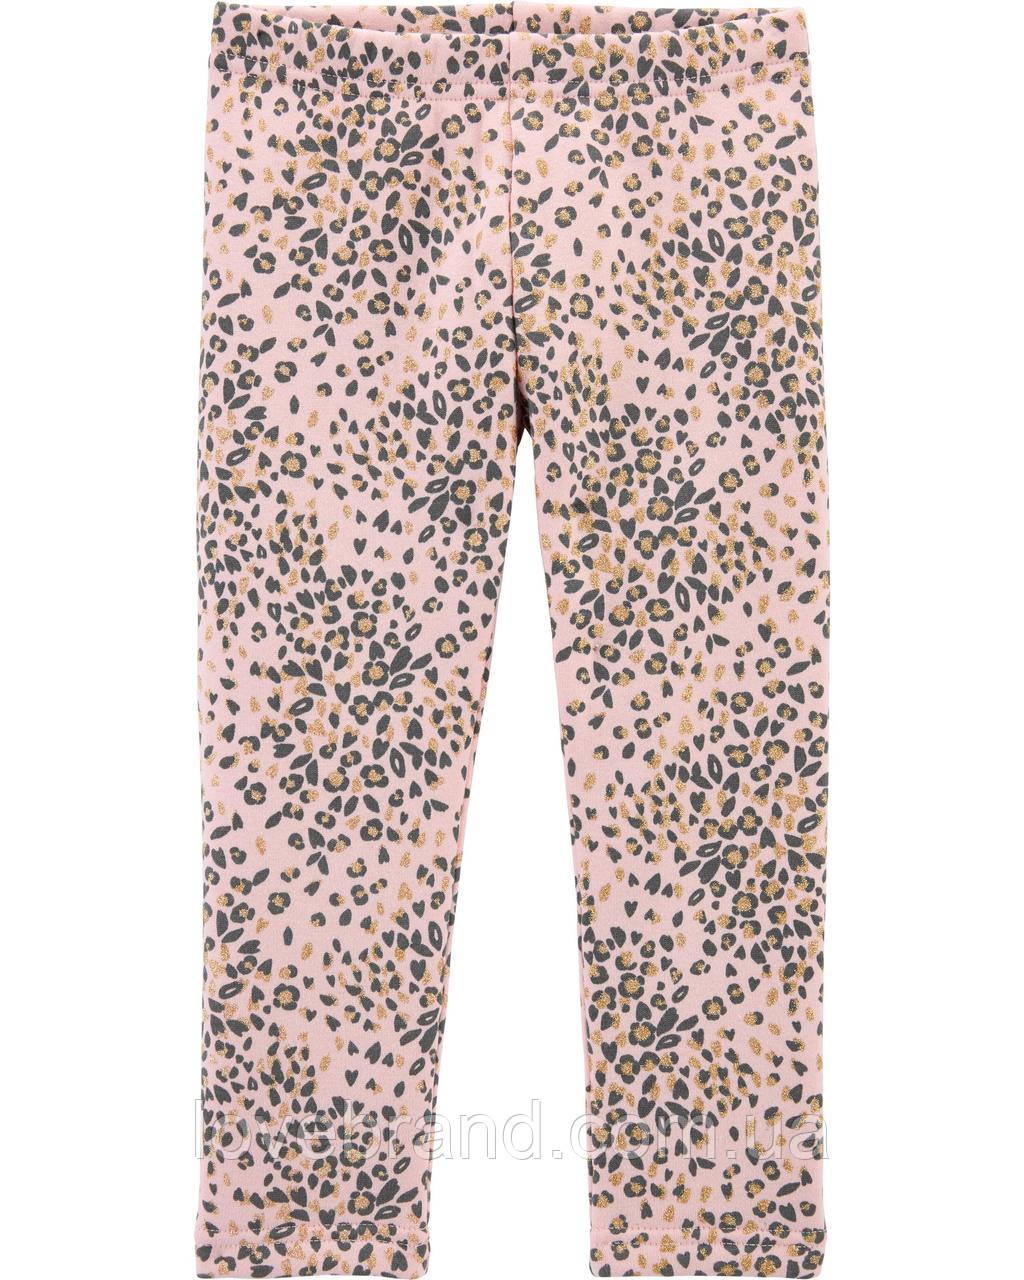 Утепленные детские лосины OshKosh для девочки,леопардовые теплые лосинки на флисе ошкош